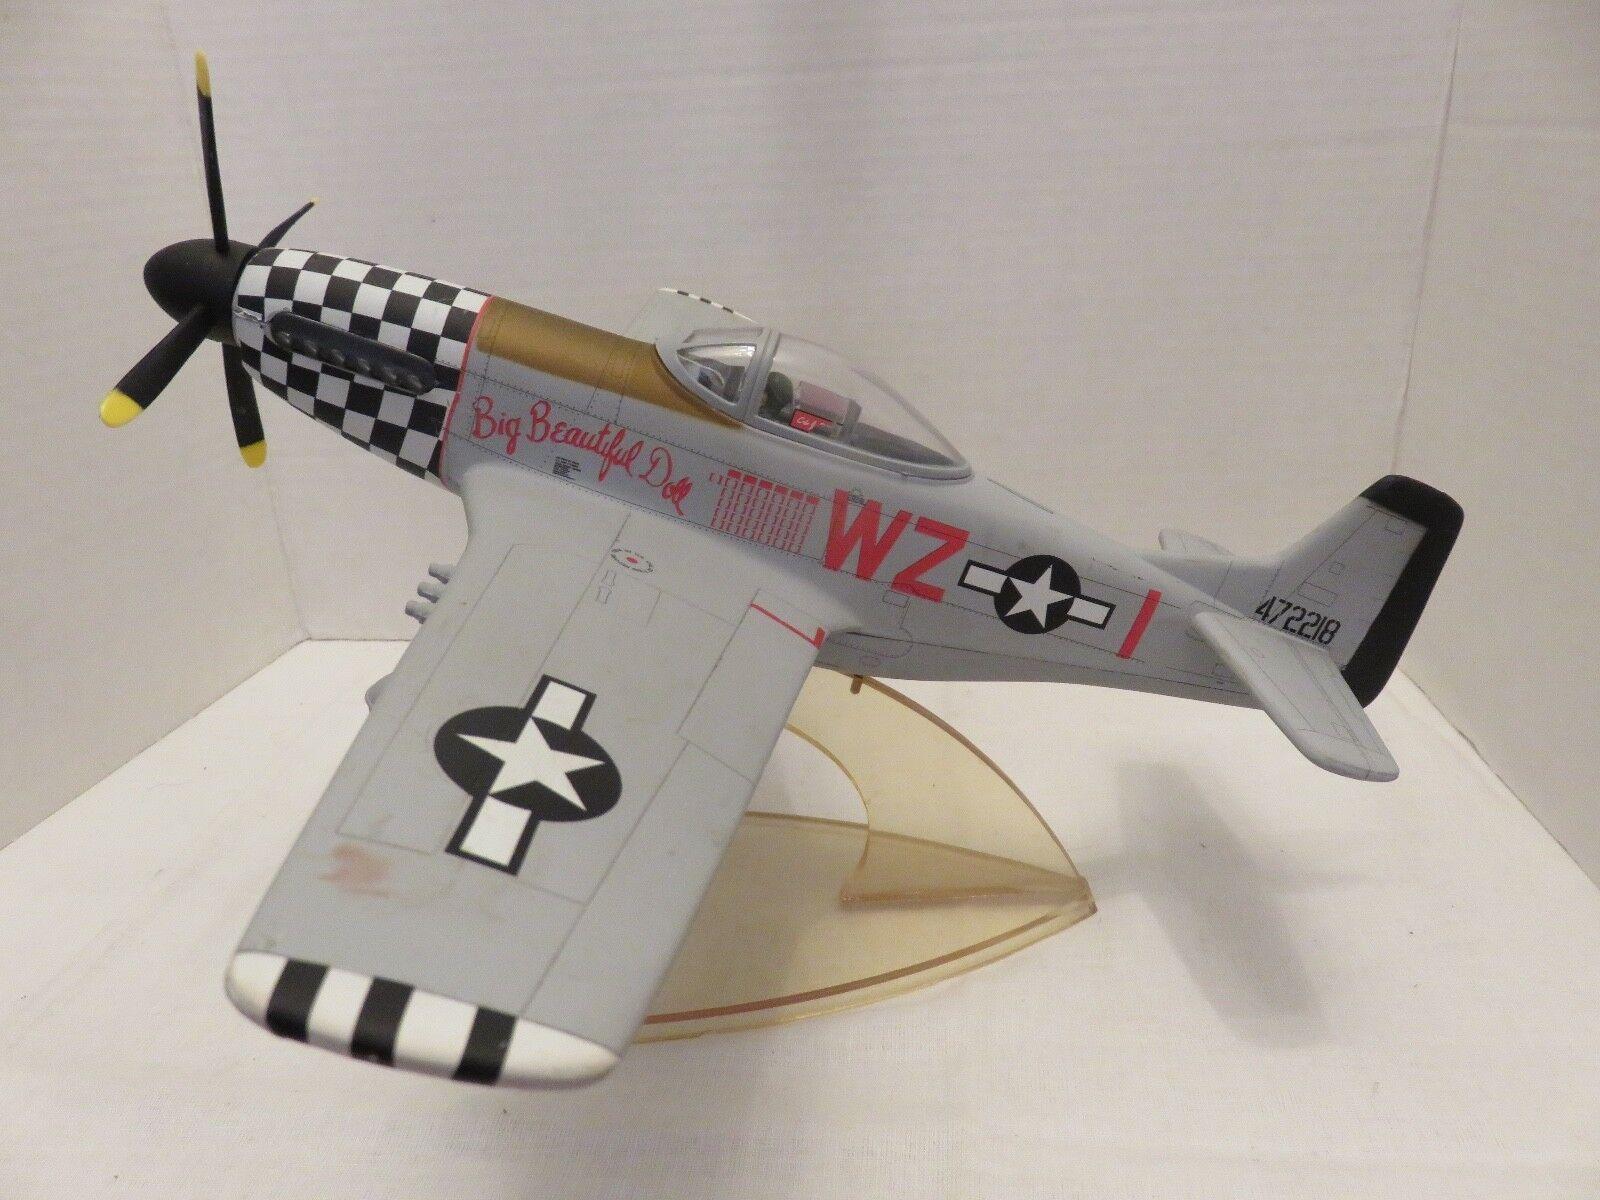 Mustang Modèle Métal Avion P-51D Big Beautiful Doll Fighter Squadron Desk Top